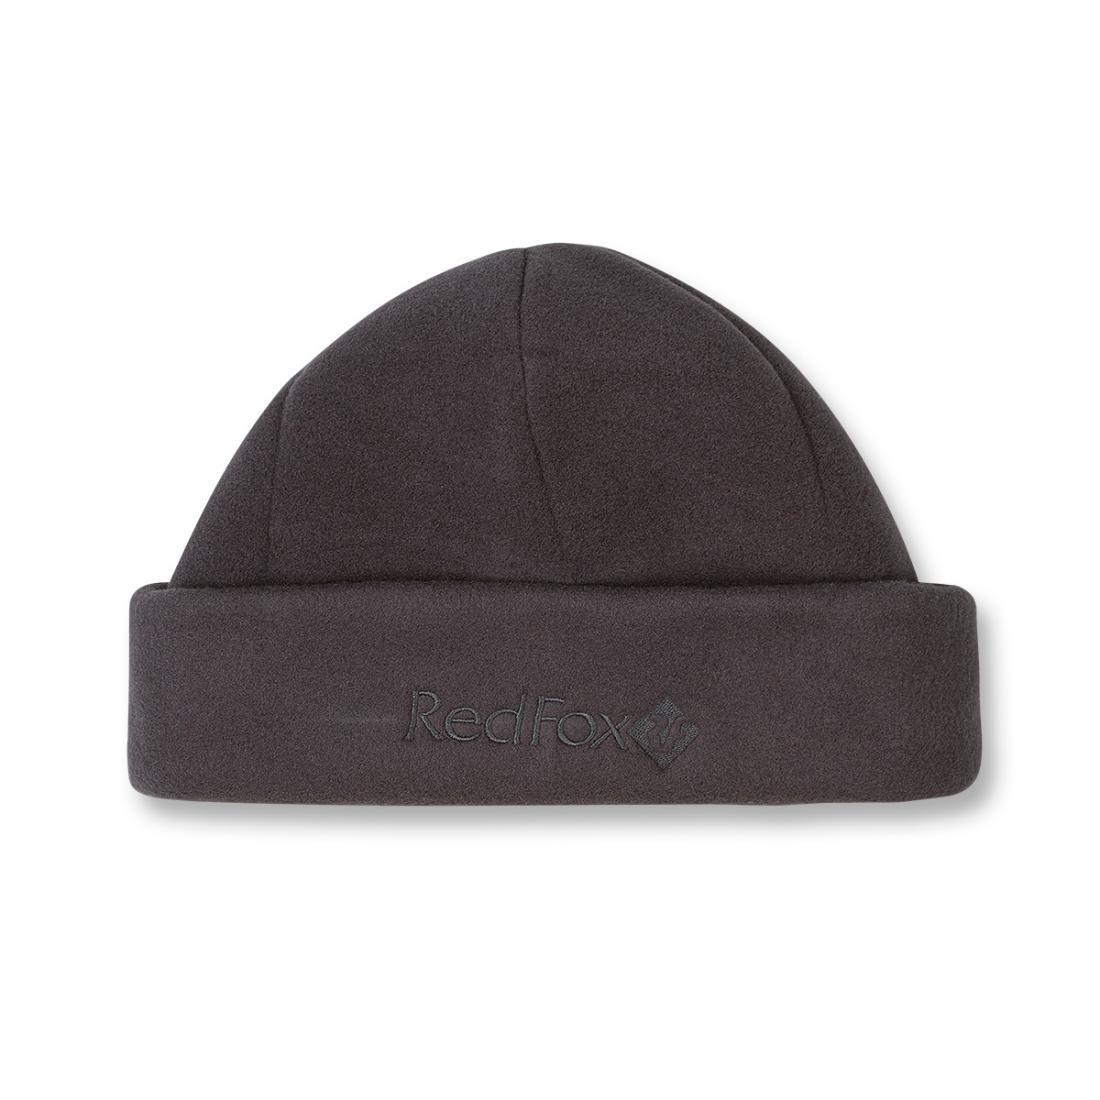 Шапка Polartec ClassicШапки<br><br> Теплая шапка классического дизайна из материала Polartec® 200<br><br><br> Основные характеристики<br><br><br>комфортная посадка<br>эргономичная конструкция кроя<br><br> Особенности<br><br><br><br><br><br>&lt;u...<br><br>Цвет: Серый<br>Размер: 60